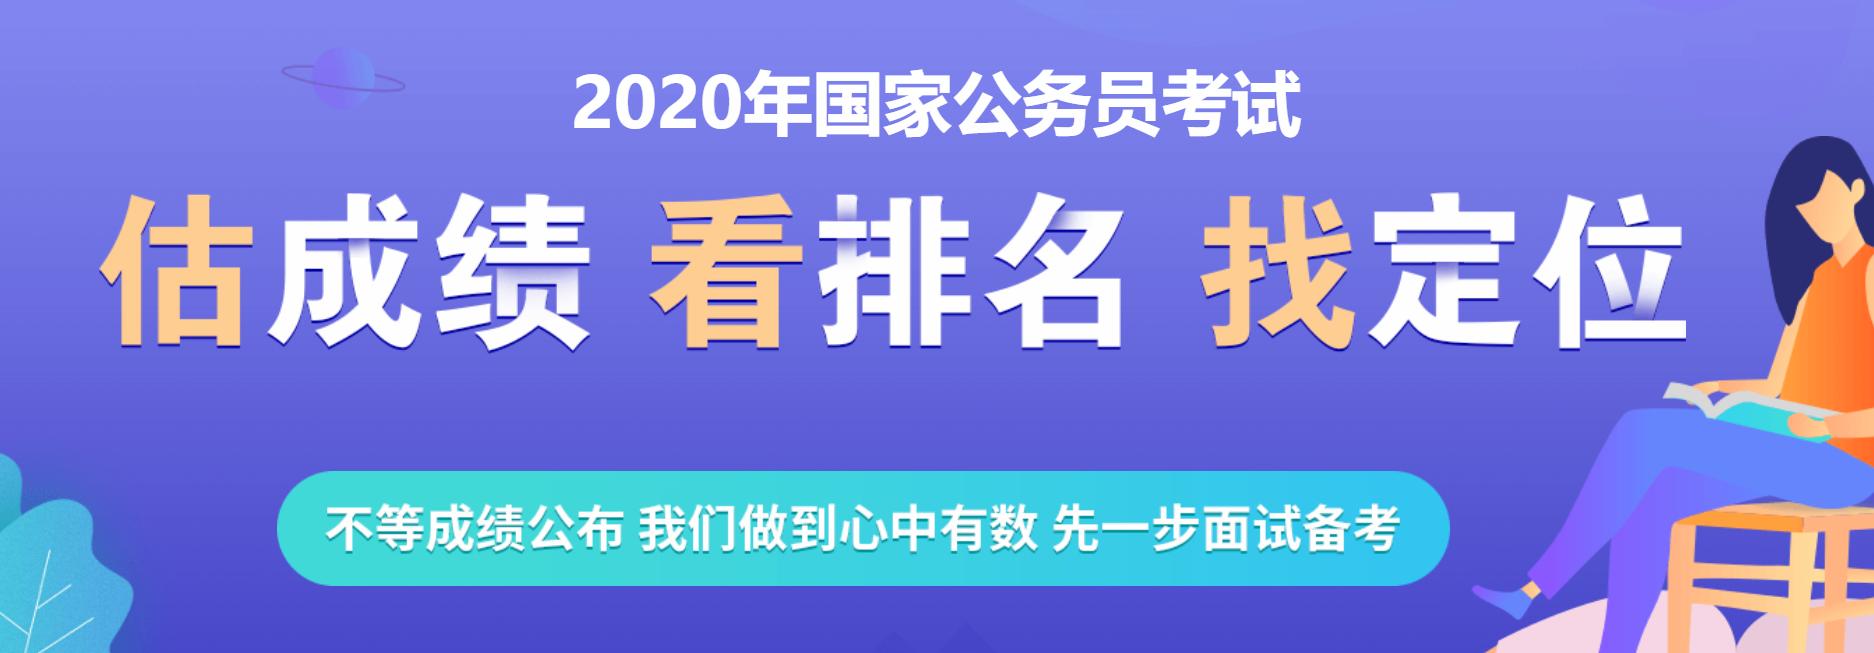 2020廣西國考題目估分